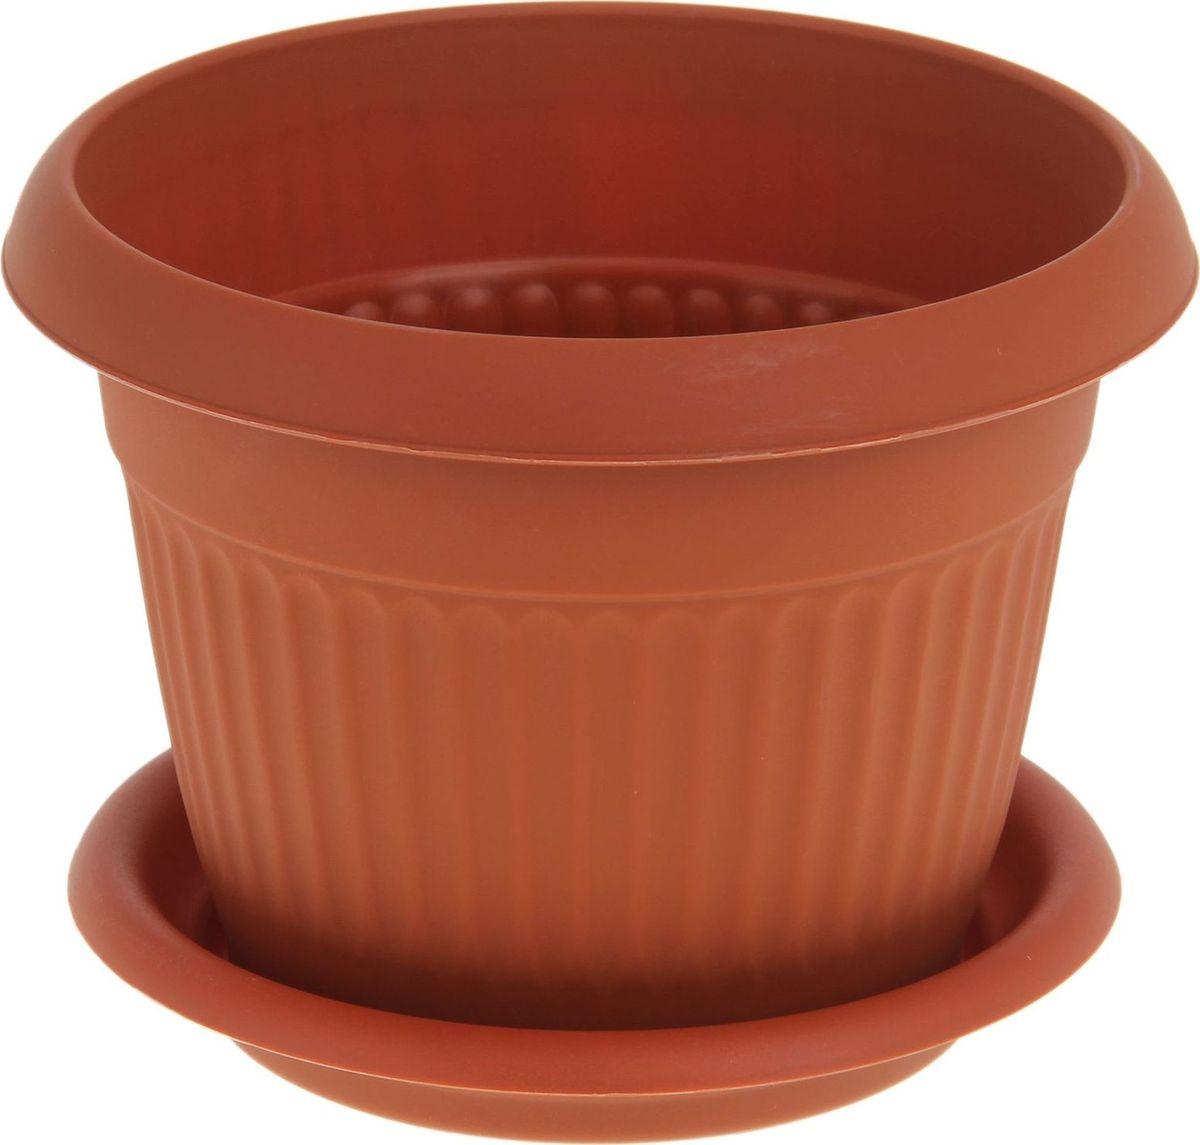 Кашпо Idea Ливия, с поддоном, цвет: терракотовый, 4,6 л41624Кашпо Idea Ливия изготовлено из прочного полипропилена (пластика) и предназначено для выращивания растений, цветов и трав в домашних условиях. Круглый поддон обеспечивает сток воды. Такое кашпо порадует вас функциональностью, а благодаря лаконичному дизайну впишется в любой интерьер помещения. Диаметр кашпо по верхнему краю: 24 см. Объем кашпо: 4,6 л.